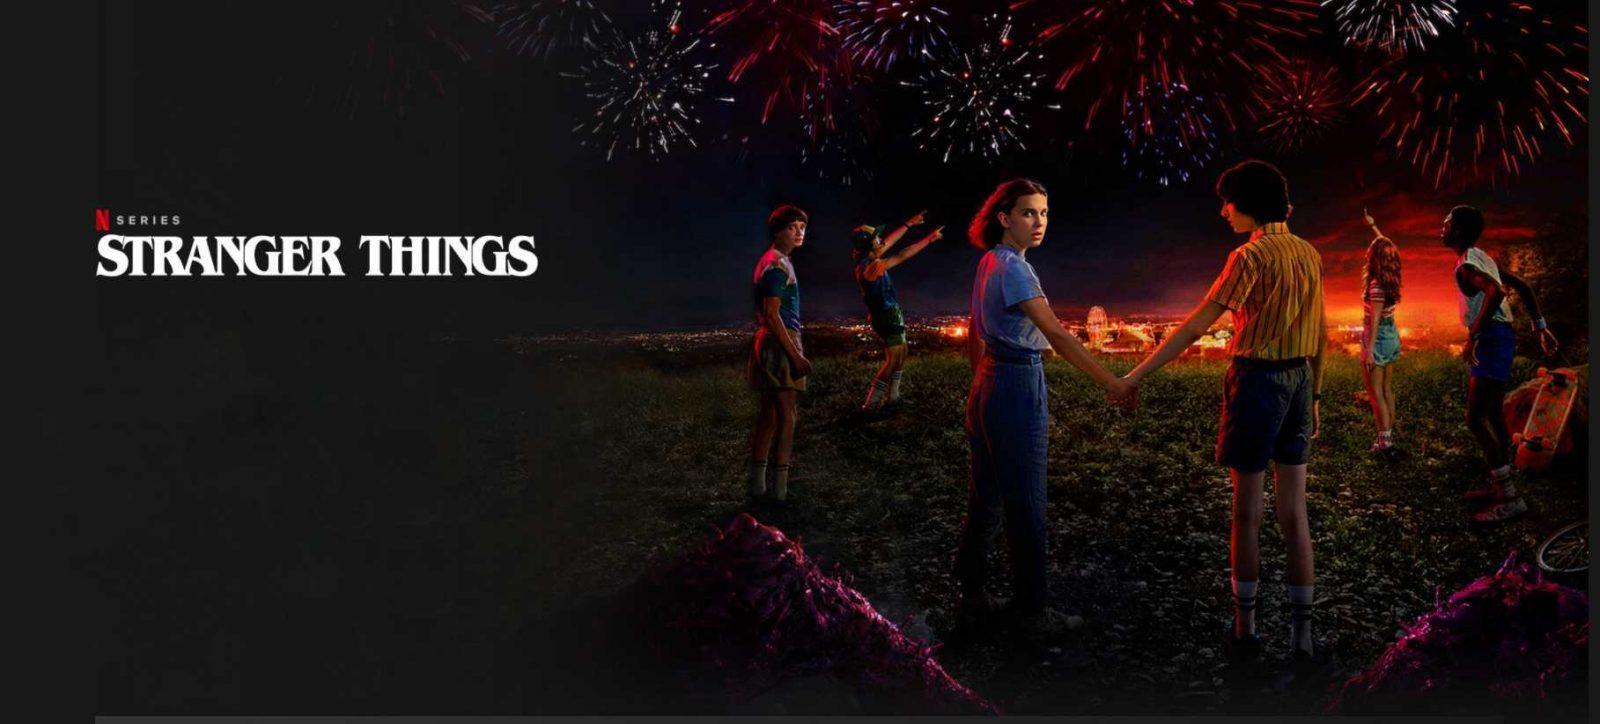 Stranger Things Season 4 Filming